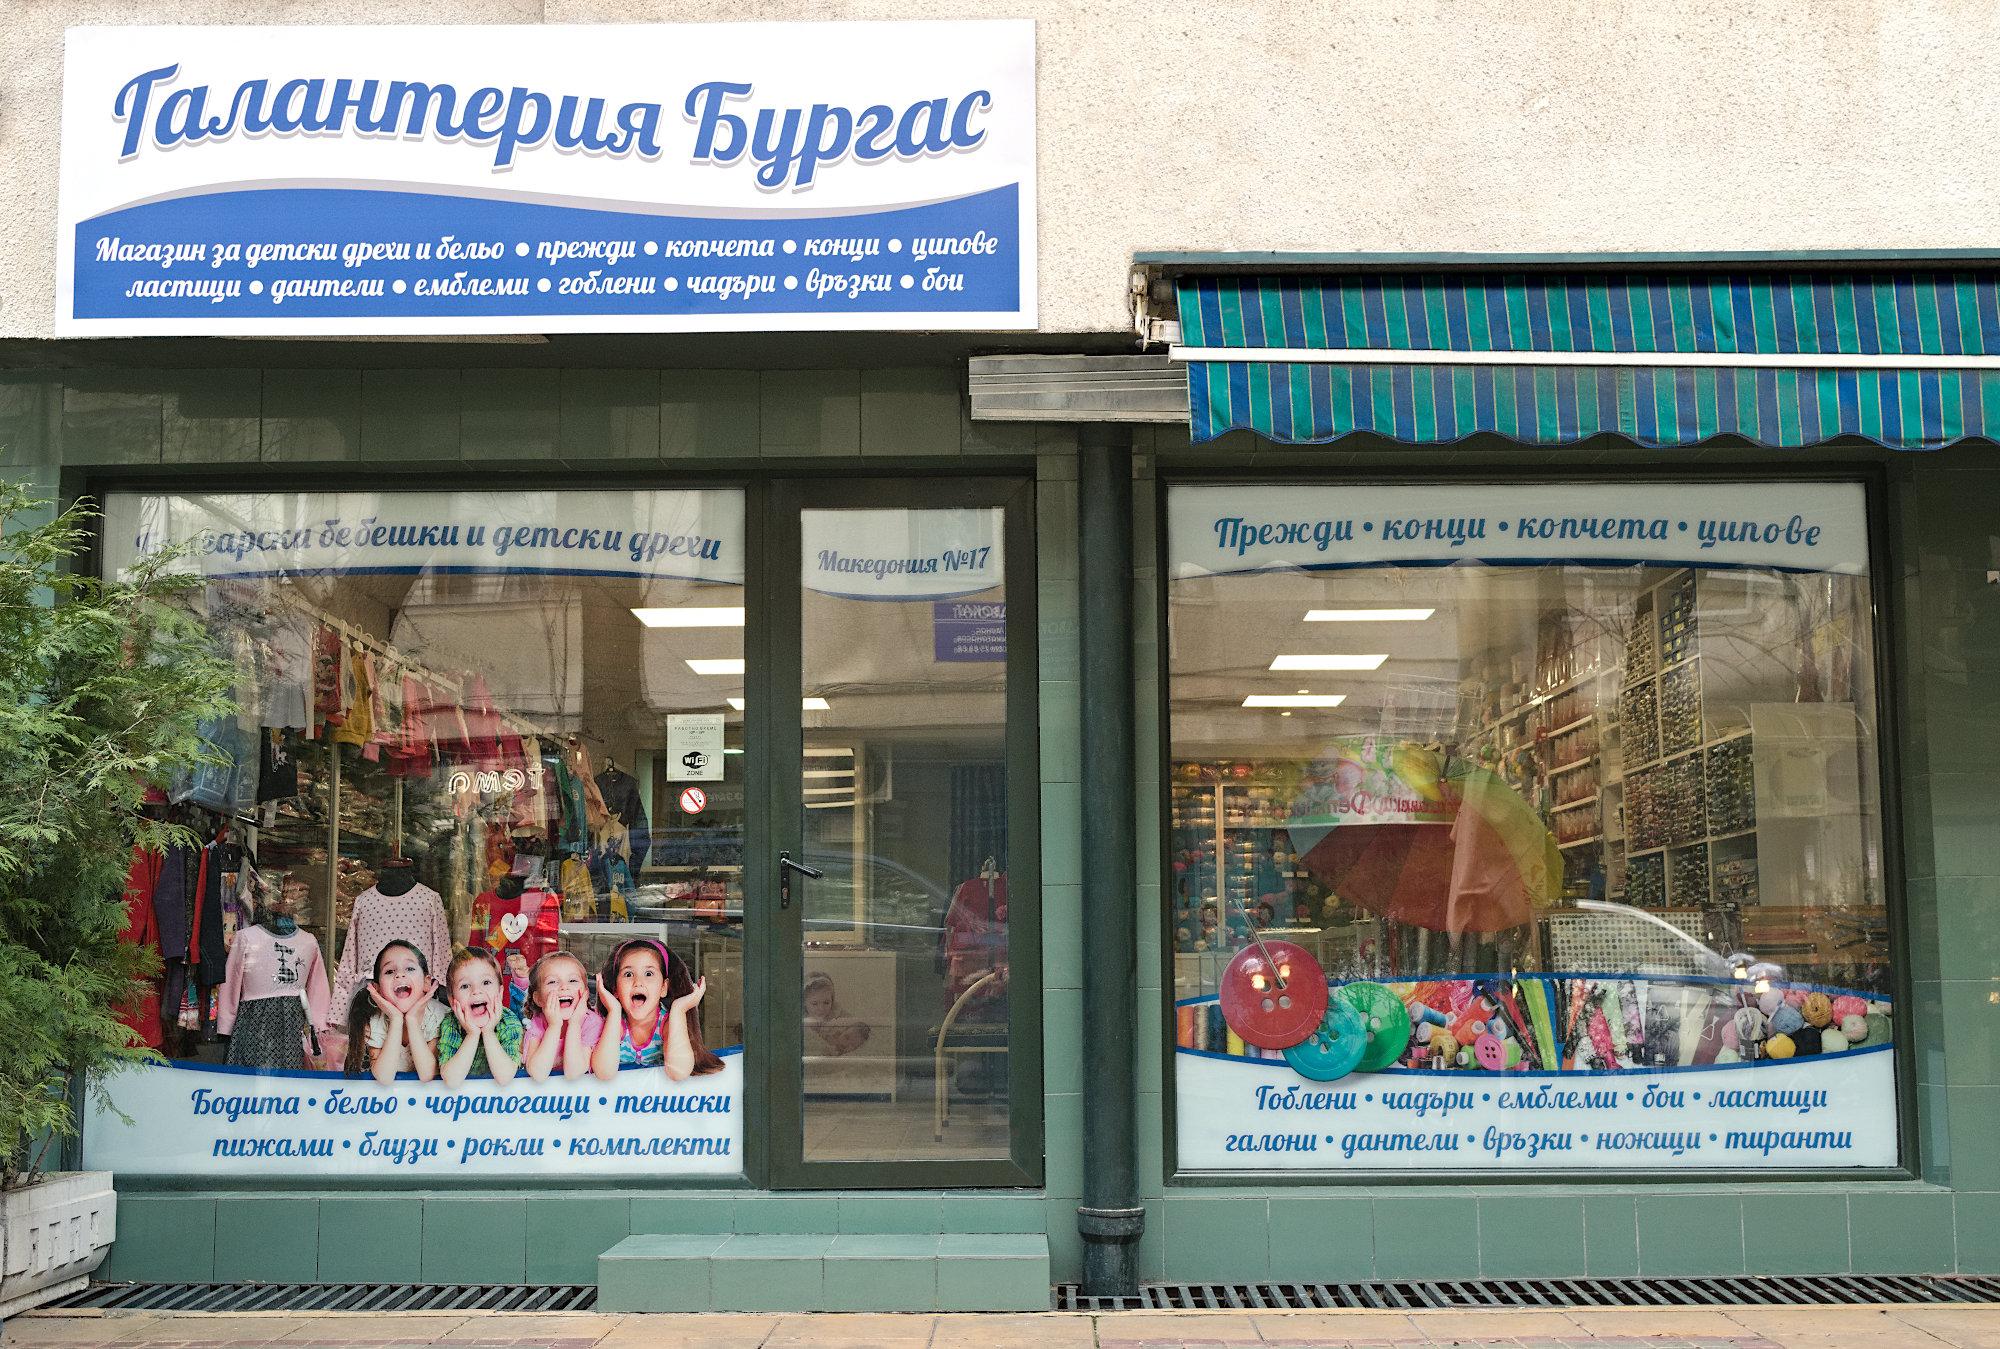 Галантерия Бургас - магазин за детски дрехи и бельо, прежди, копчета, конци, ципове, ластици, дантели, емблеми, гоблени, чадъри, връзки, бои